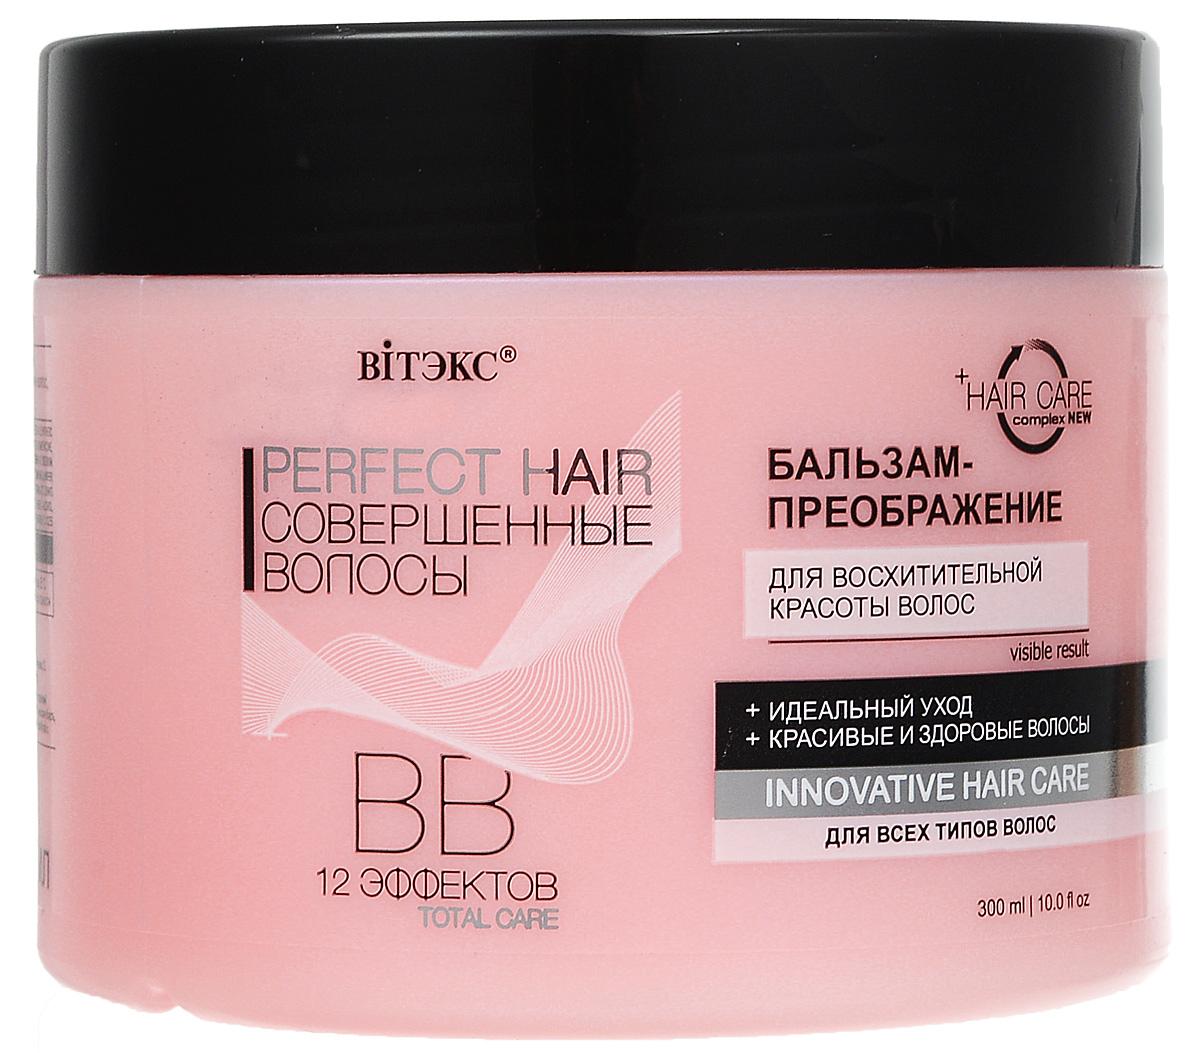 Витэкс Perfect Hair Совершенные волосы ВВ Бальзам преображение для восхитительной красоты волос, 300 млMP59.4DЛиния: Совершенные волосыBB бальзам-преображение многофункционального действия прекрасно дополняет действие шампуня и совершенствует волосы. Благодаря комплексу специальных активных компонентов, позволяет получить 12 эффектов:Моментальное выравнивание структуры волосУкрепление корнейСтимулирование роста волосУвлажнение и питание волос и кожи головыВосстановление поврежденных волосЗащита от ломкости и секущихся кончиковУвеличение естественного объема и блескаУстранение эффекта «непослушных» волосАнтиоксидантная защитаПовышение эластичности и прочности Придание волосам мягкости и гладкостиУлучшение расчесыванияПодходит для всех типов волос.Для достижения наилучшего эффекта рекомендуется использовать «ВВ бальзам-преображение» после применения шампуня линии. Уважаемые клиенты! Обращаем ваше внимание на то, что упаковка может иметь несколько видов дизайна. Поставка осуществляется в зависимости от наличия на складе.